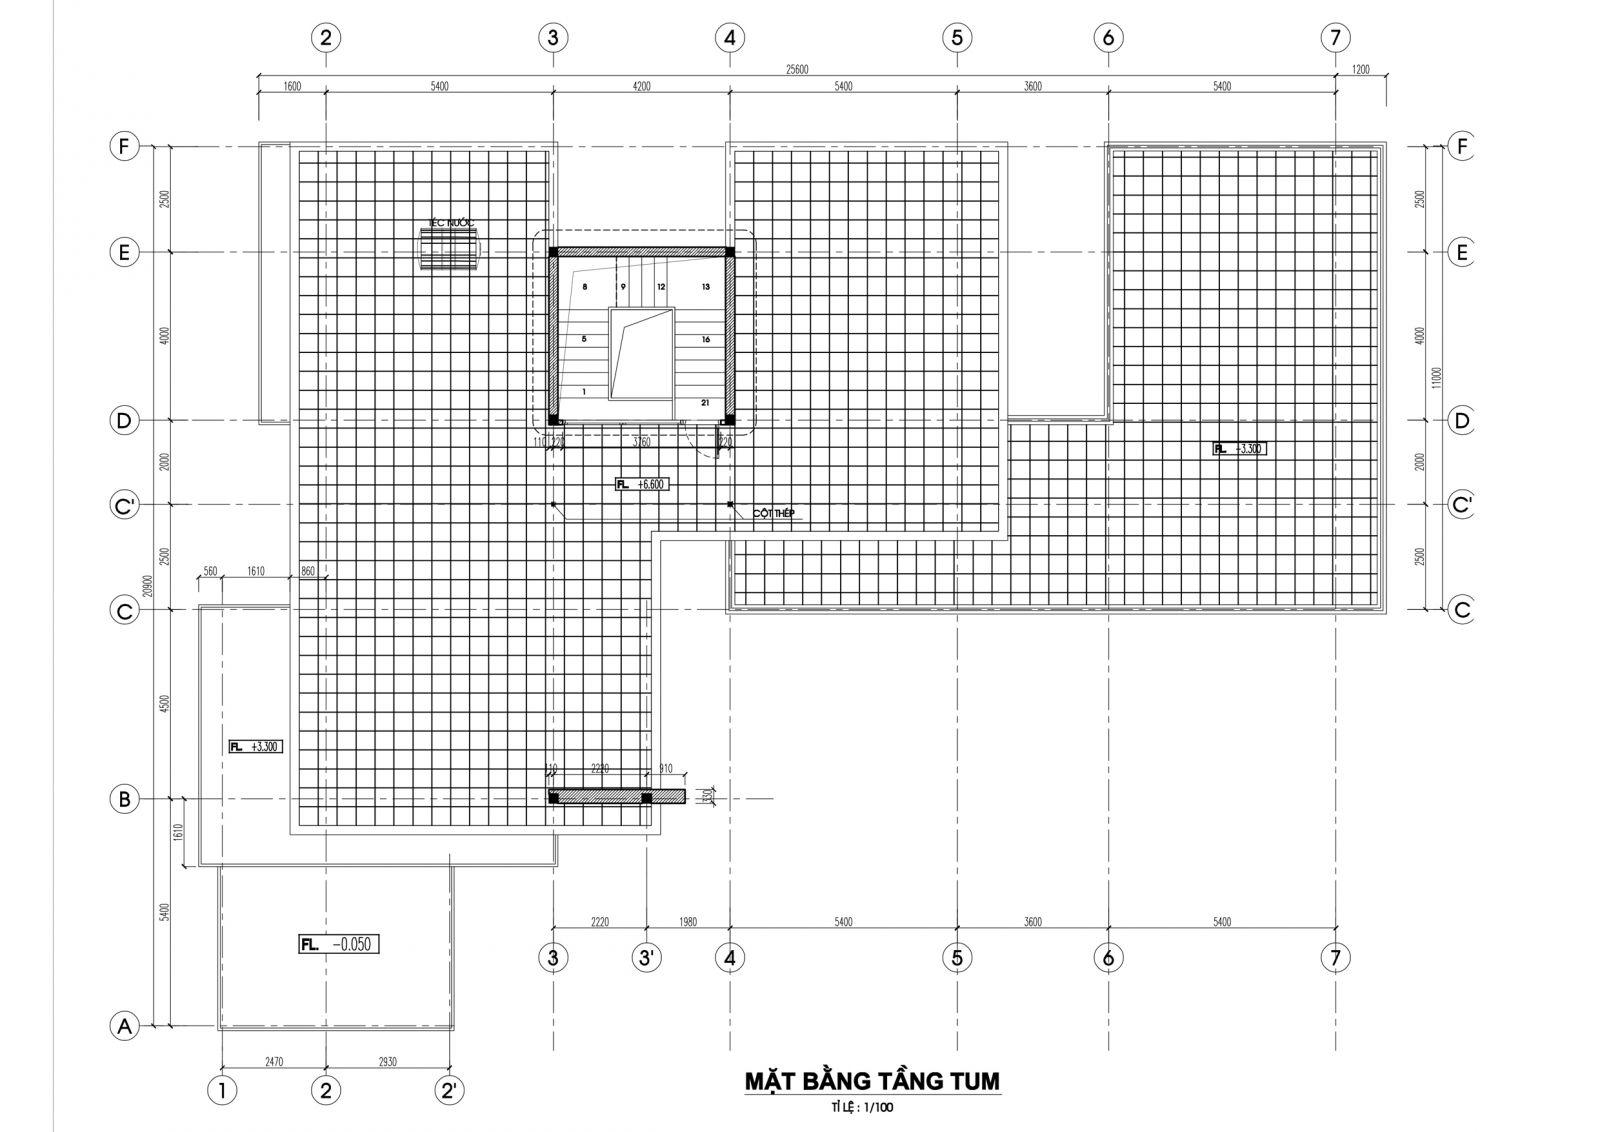 Biệt thự 2 tầng mái bằng – Biệt thự mái hiện đại thanh thoát mb tang tum biet thu dep